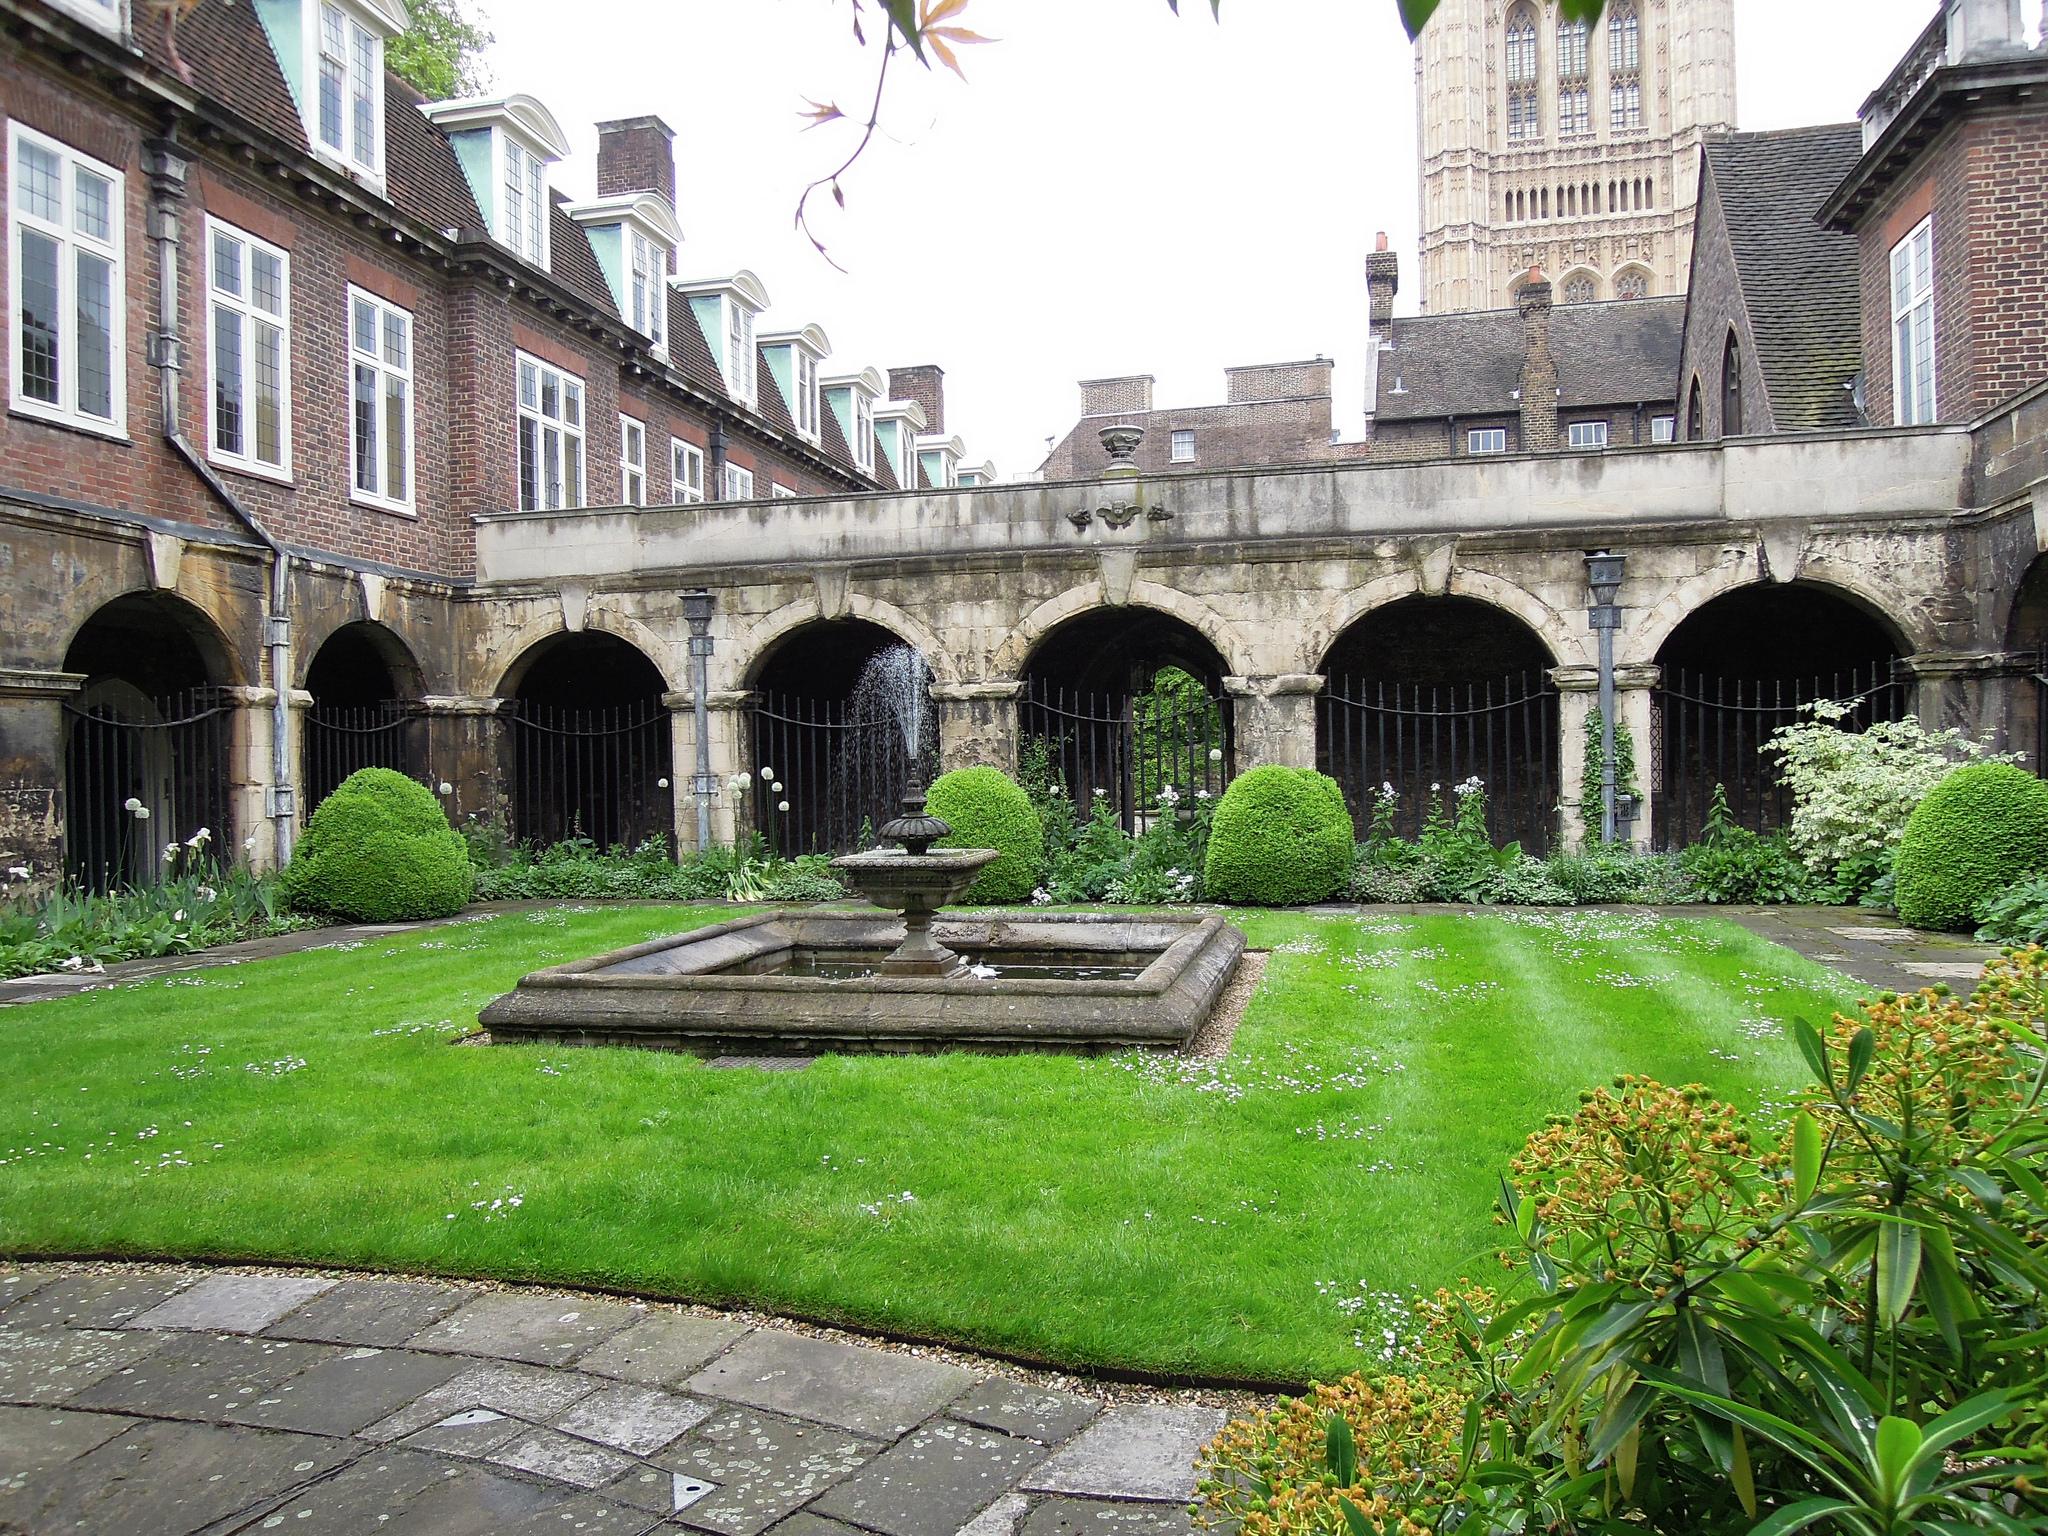 Внутренний двор, Вестминстерское аббатство, Лондон